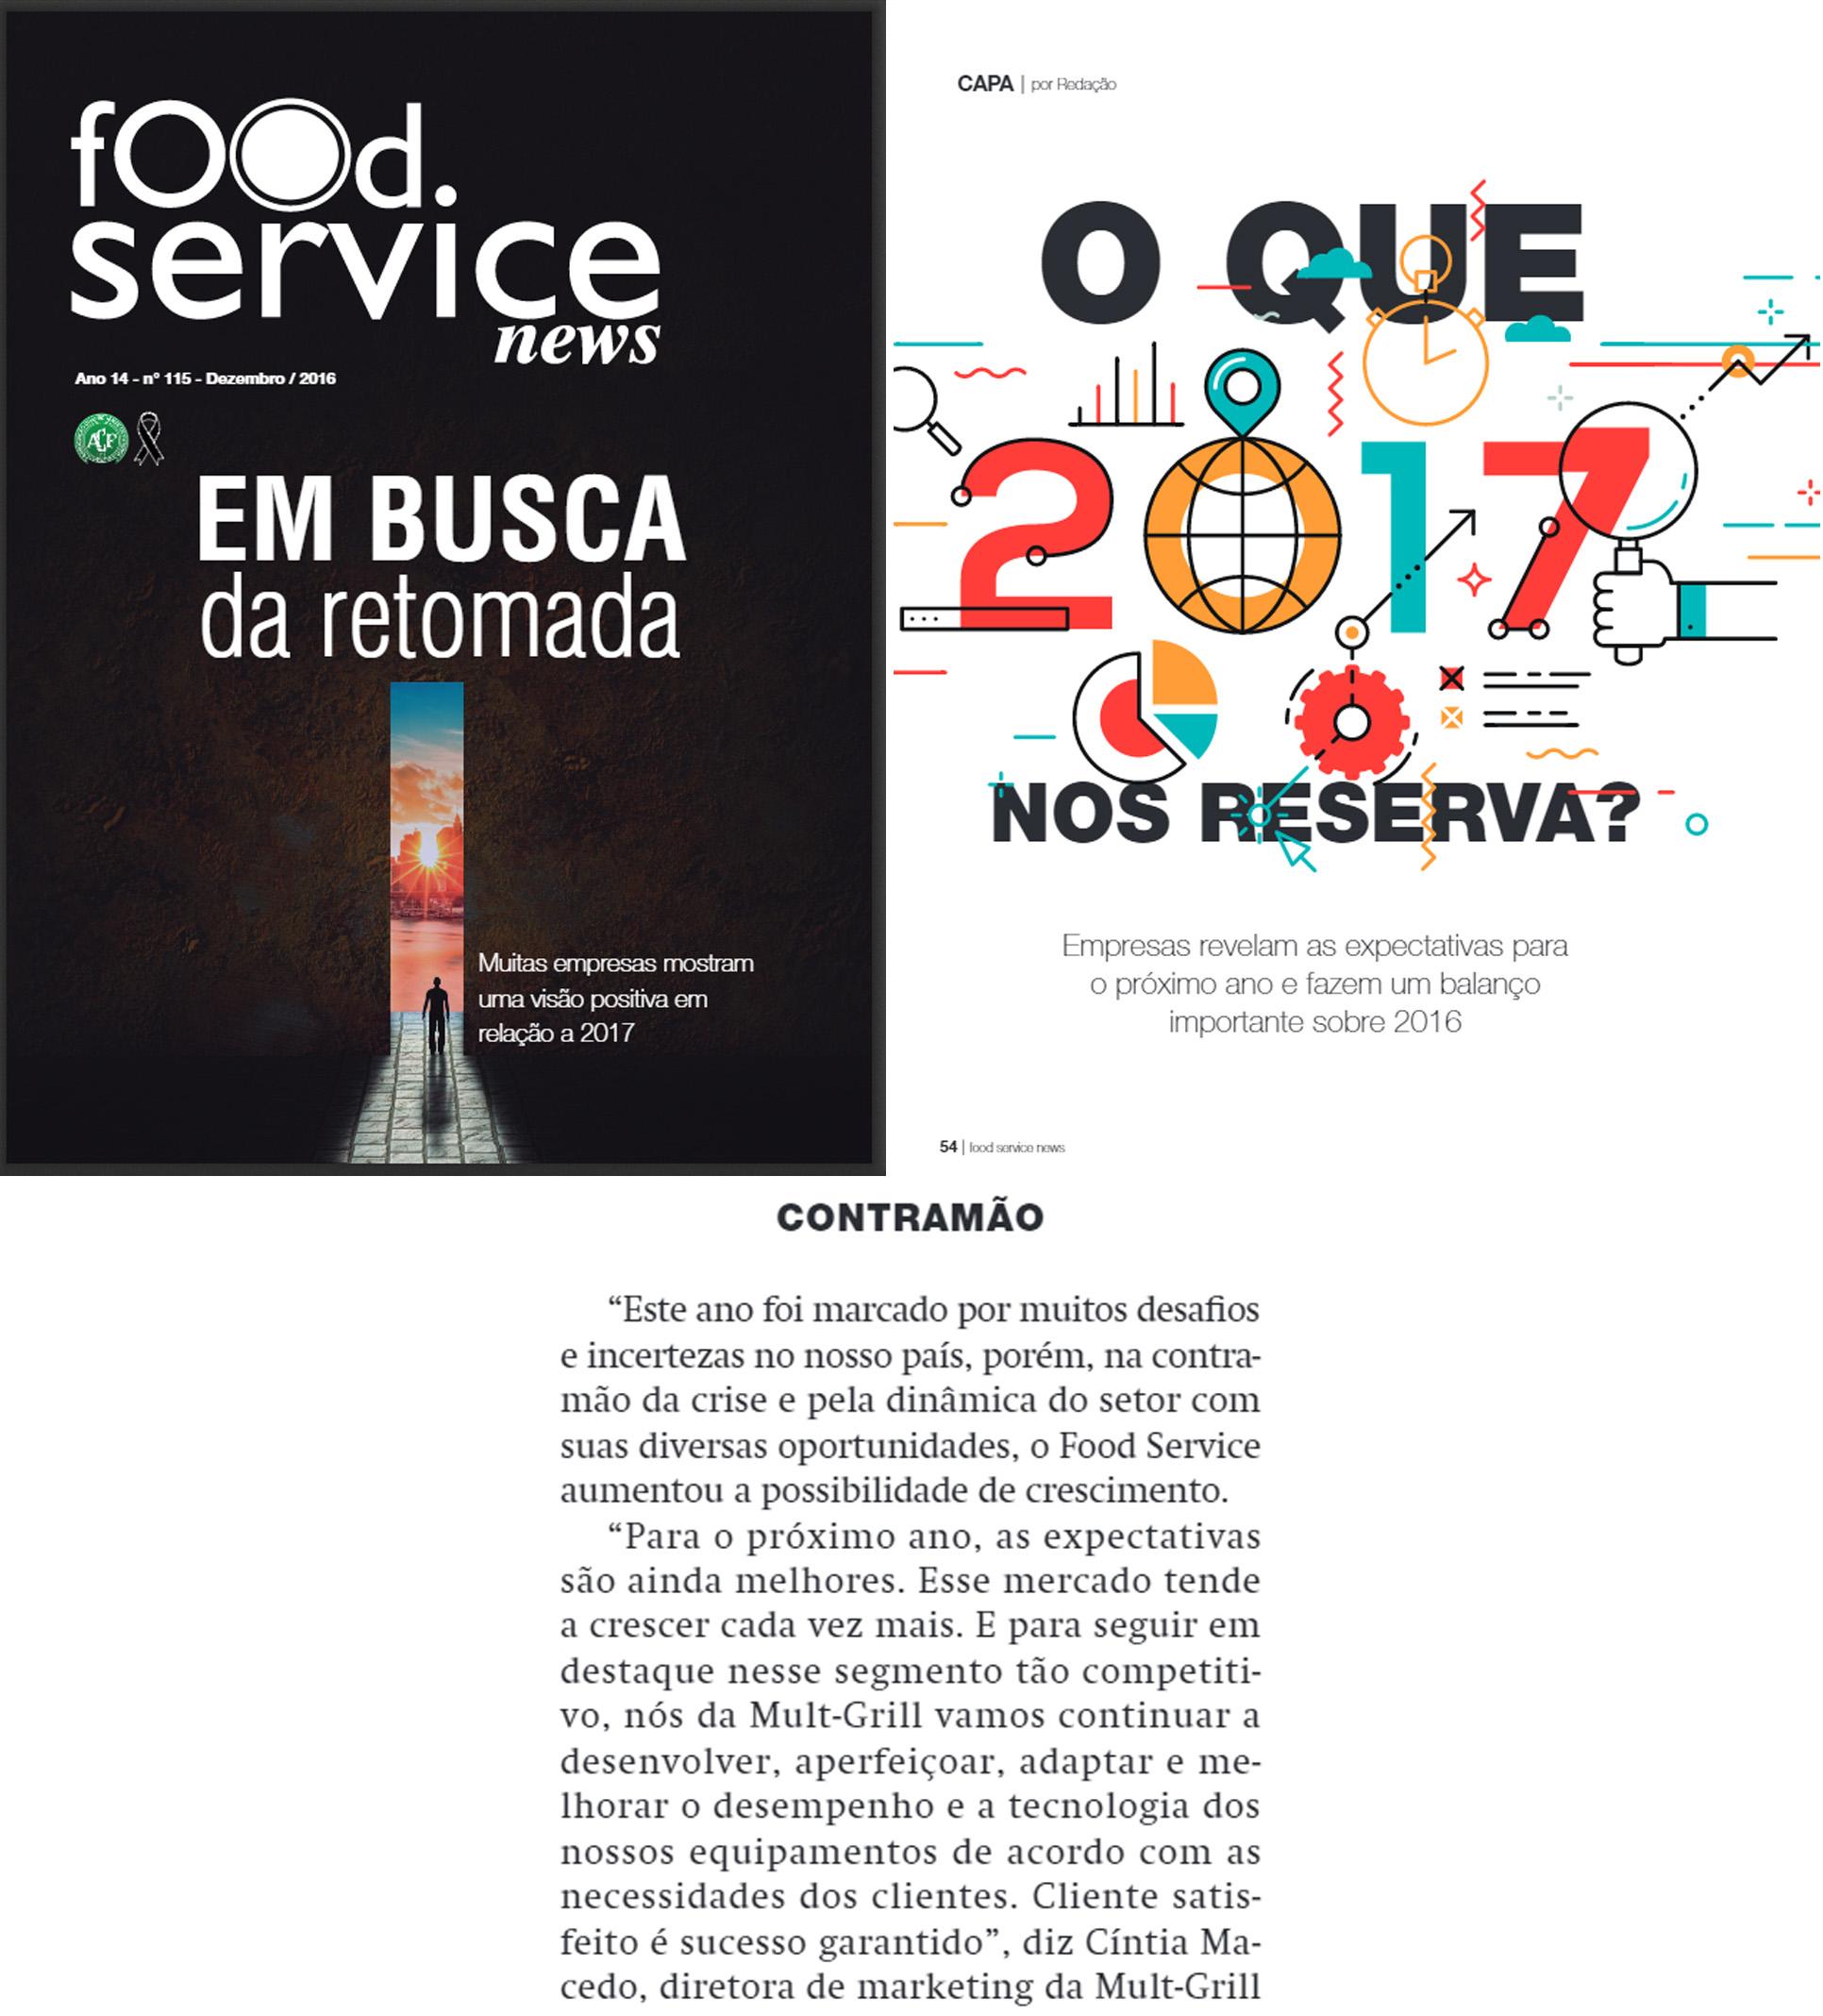 Revista-Food-Service-News-Dezembro-2016-em-busca-da-retomada